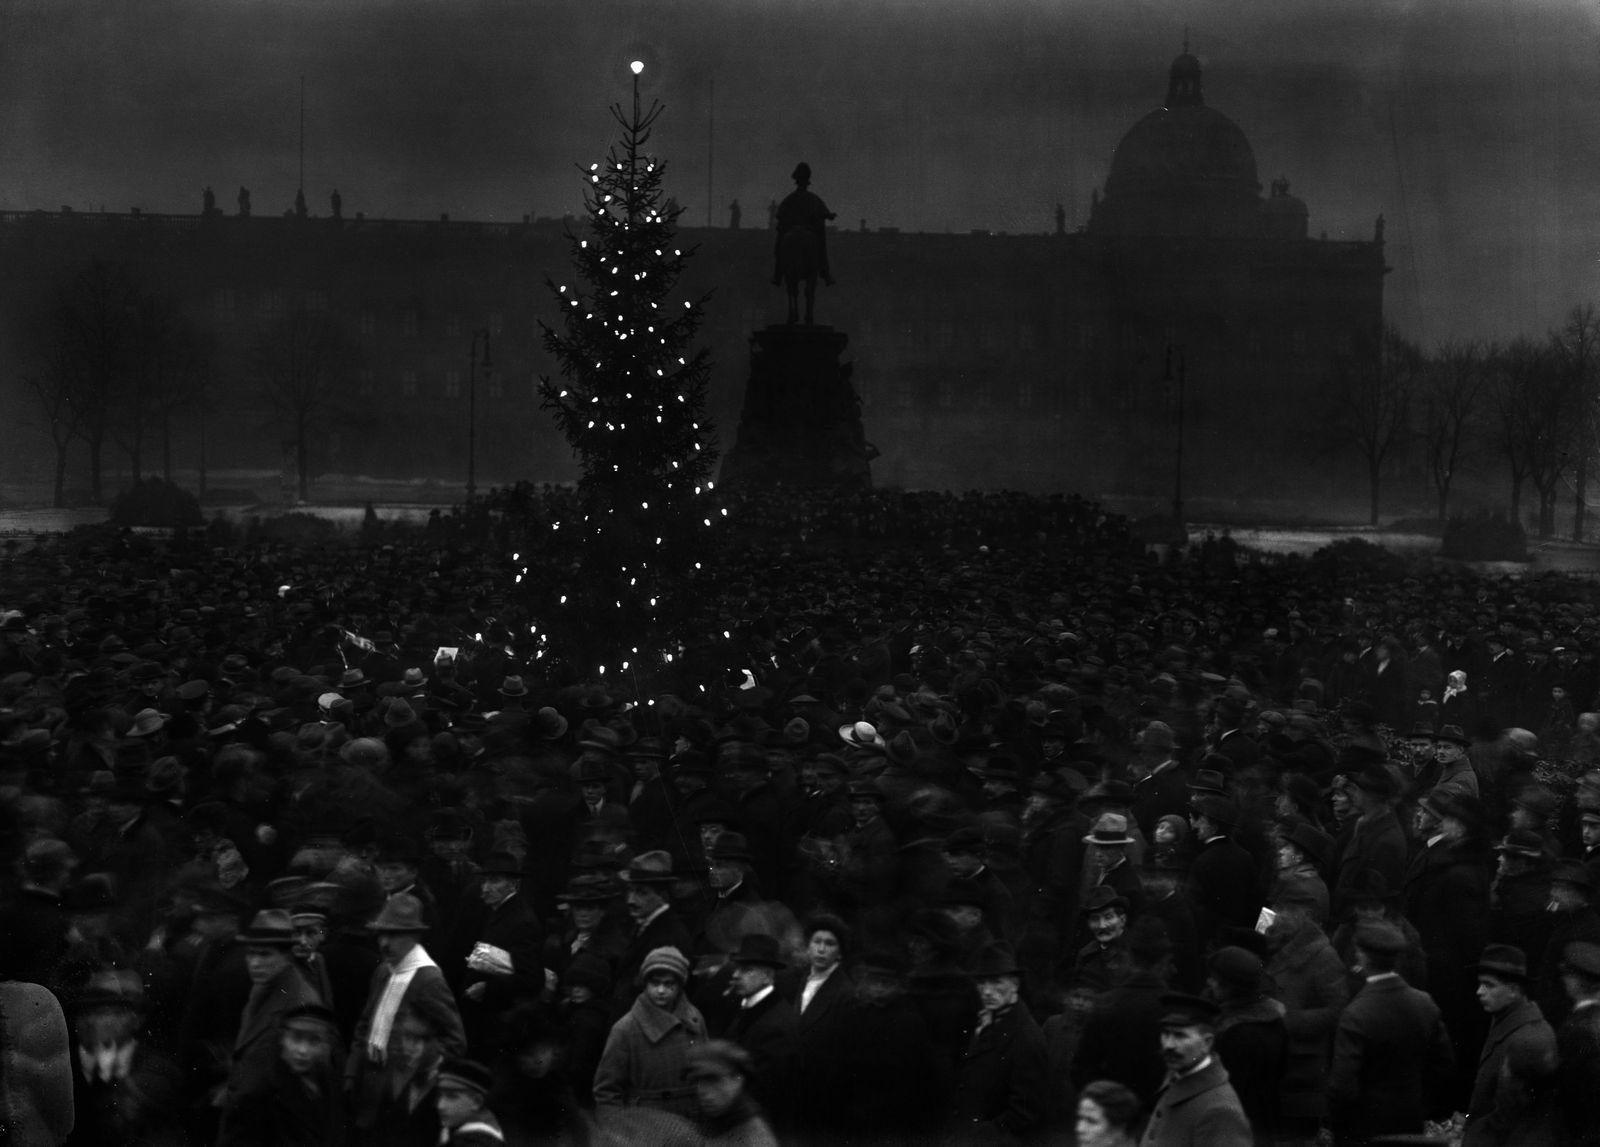 """""""Im Berliner Lustgarten brannte ein großer Lichterbaum und eine Musikkapelle spielte Weihnachtslieder (24.12.1918)."""" (c) bpk / Kunstbibliothek, SMB, Photothek Willy Römer / Willy Römer"""